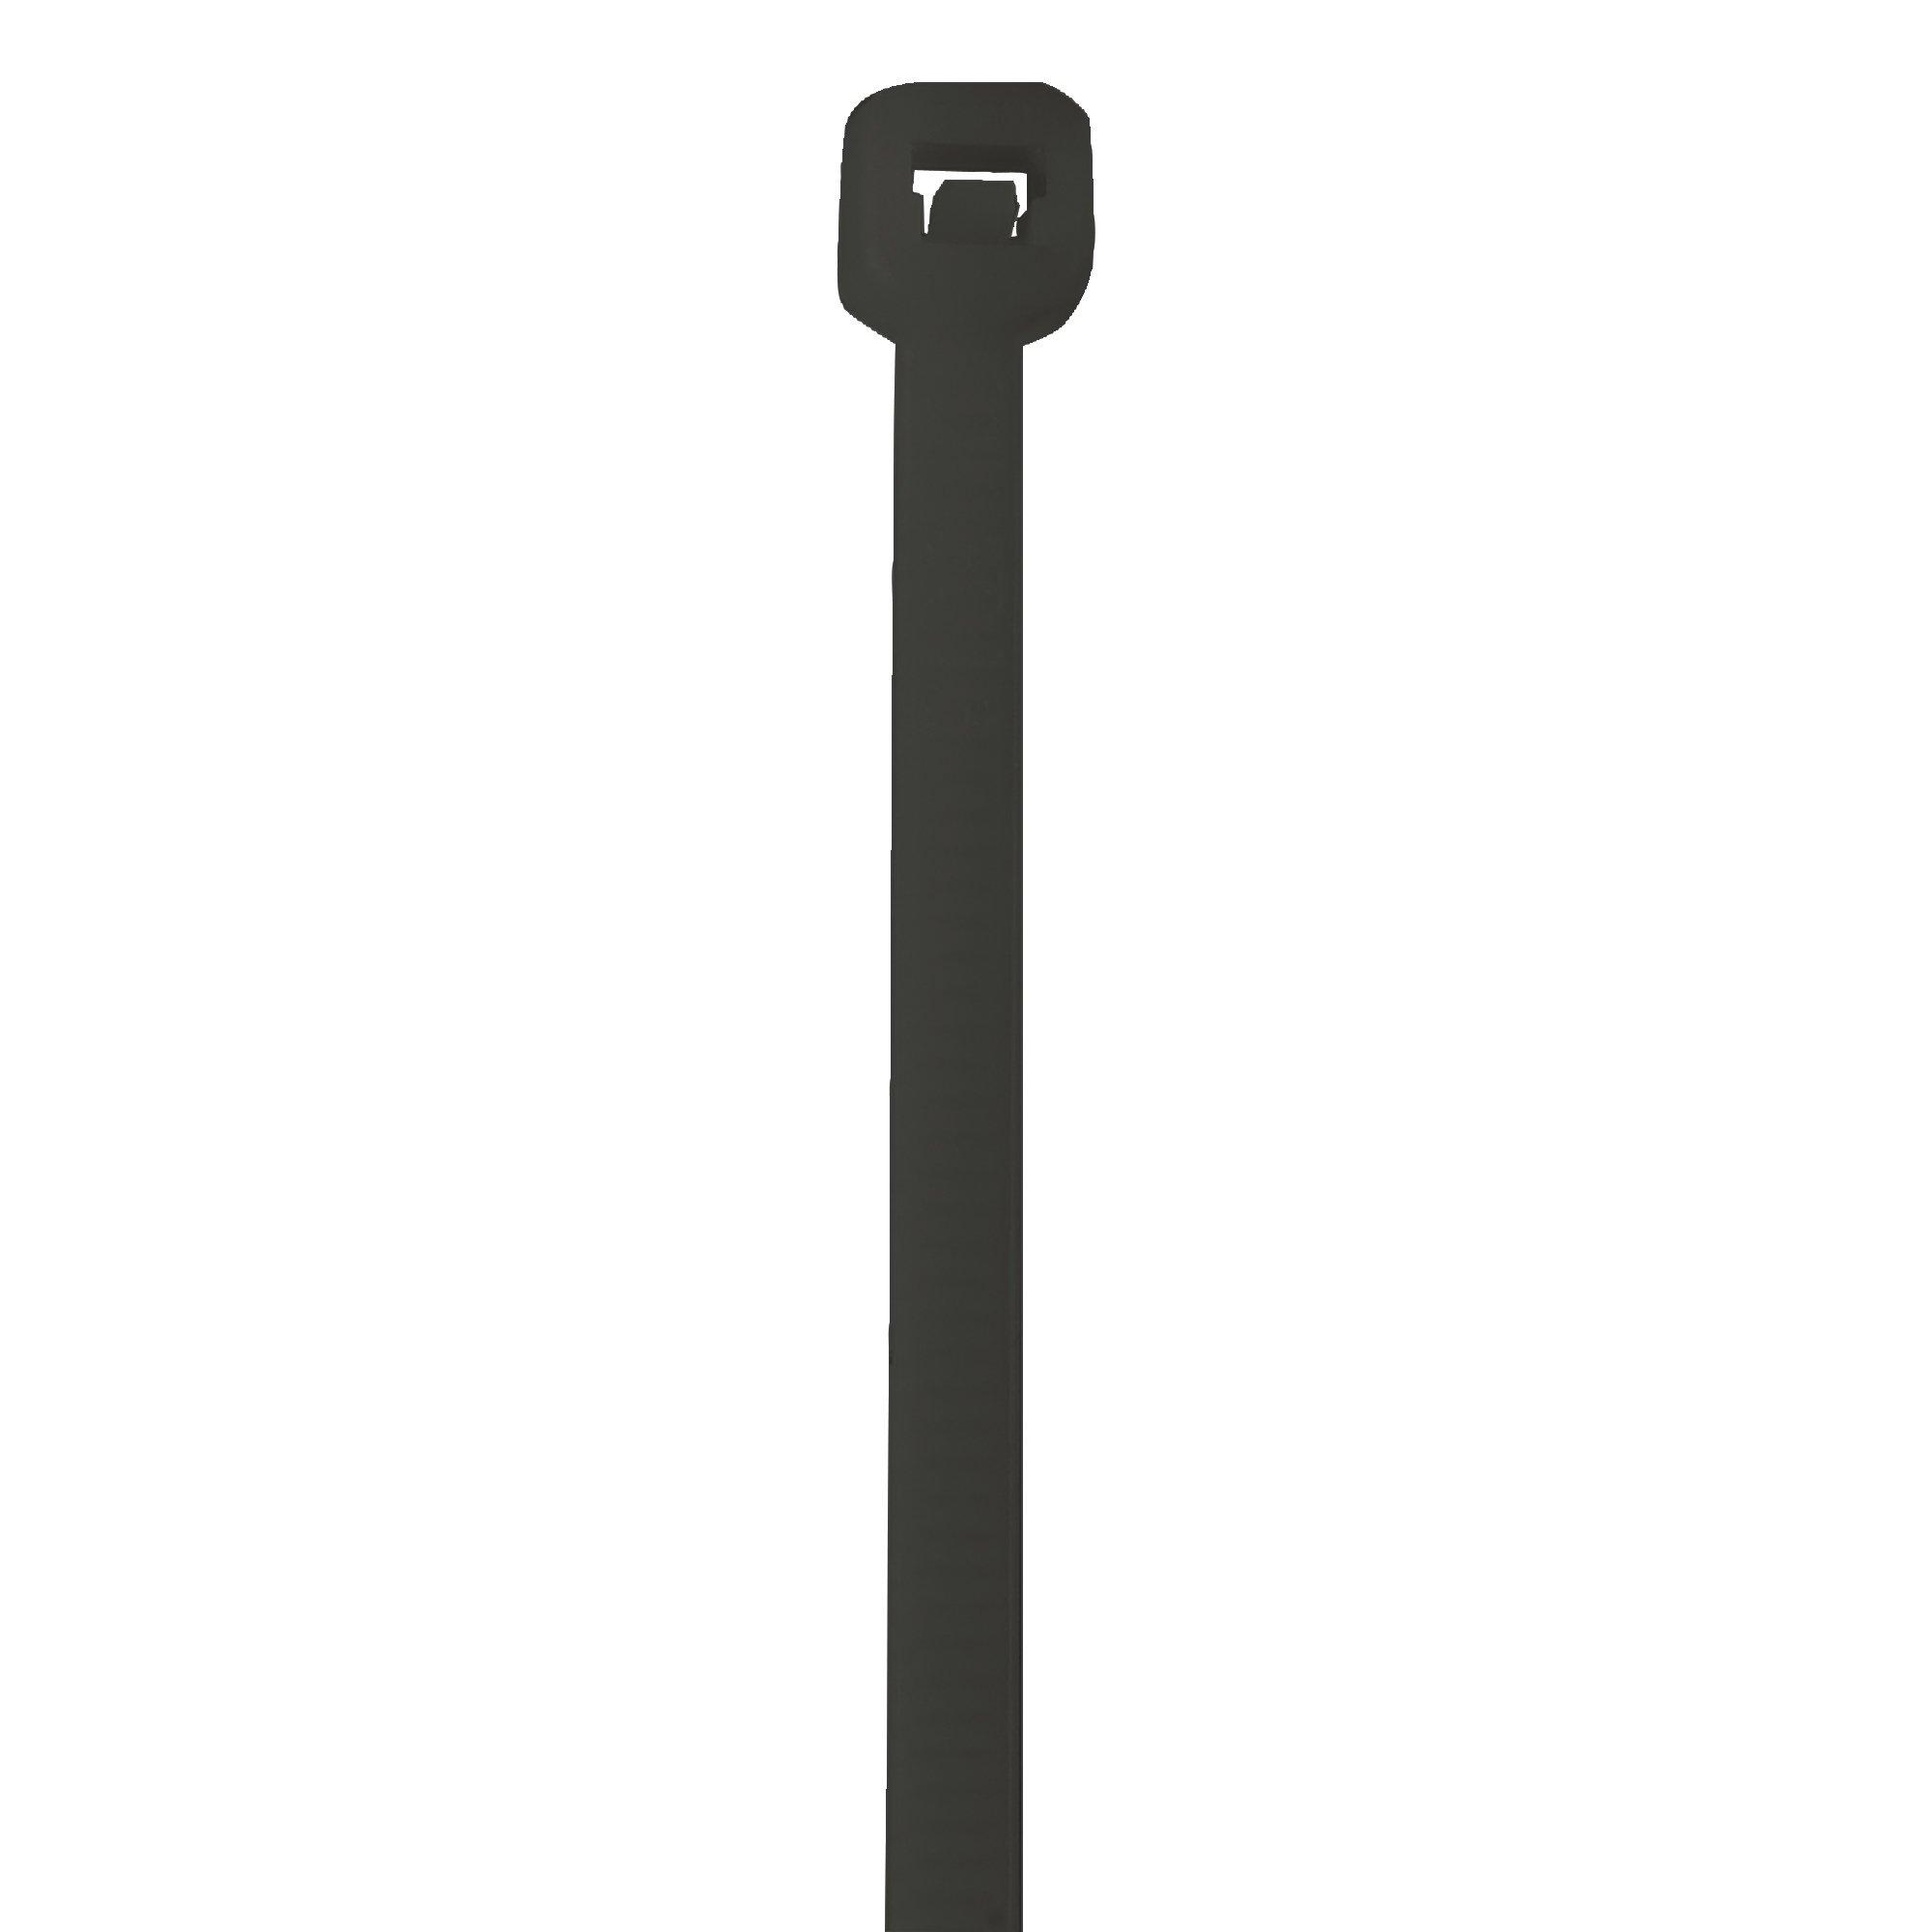 Aviditi Nylon UV Stabilized Cable Tie, 18'' L x 3/16'' W, Black, Case of 500 (CTUV1850)